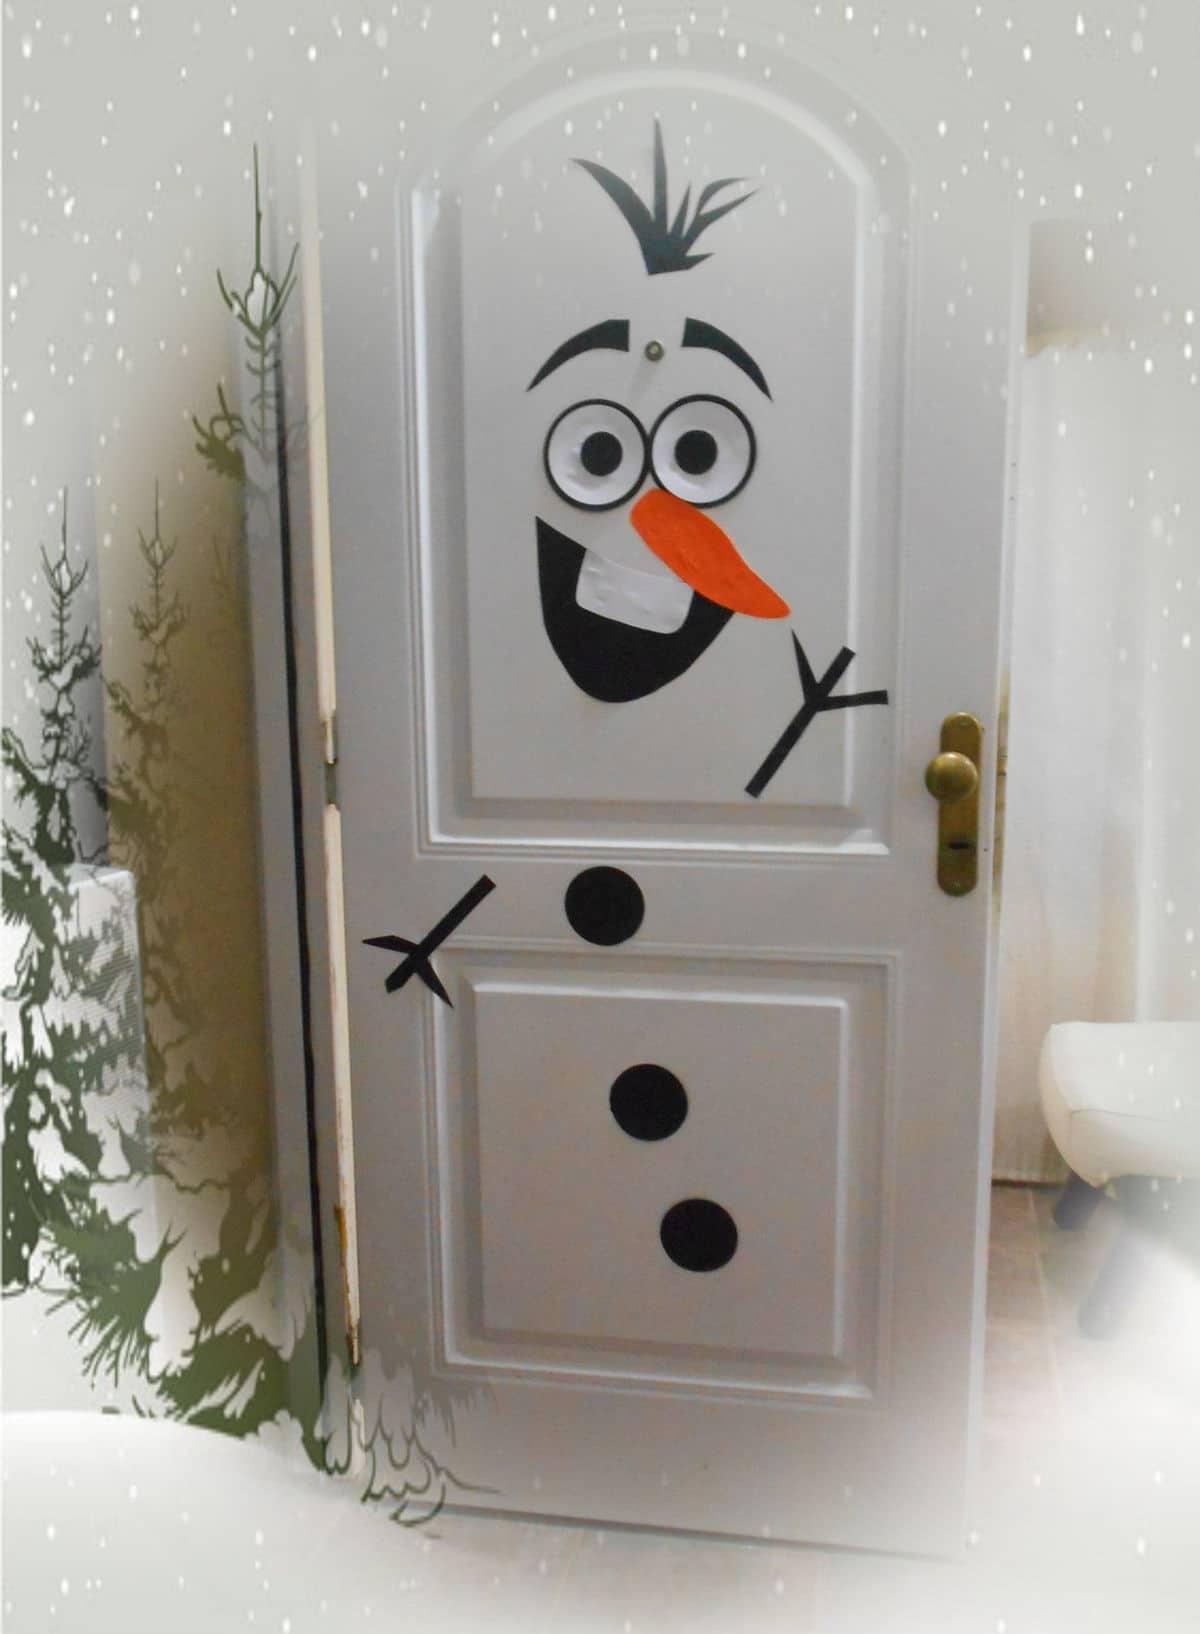 Diseño de Olaf para decorar la puerta